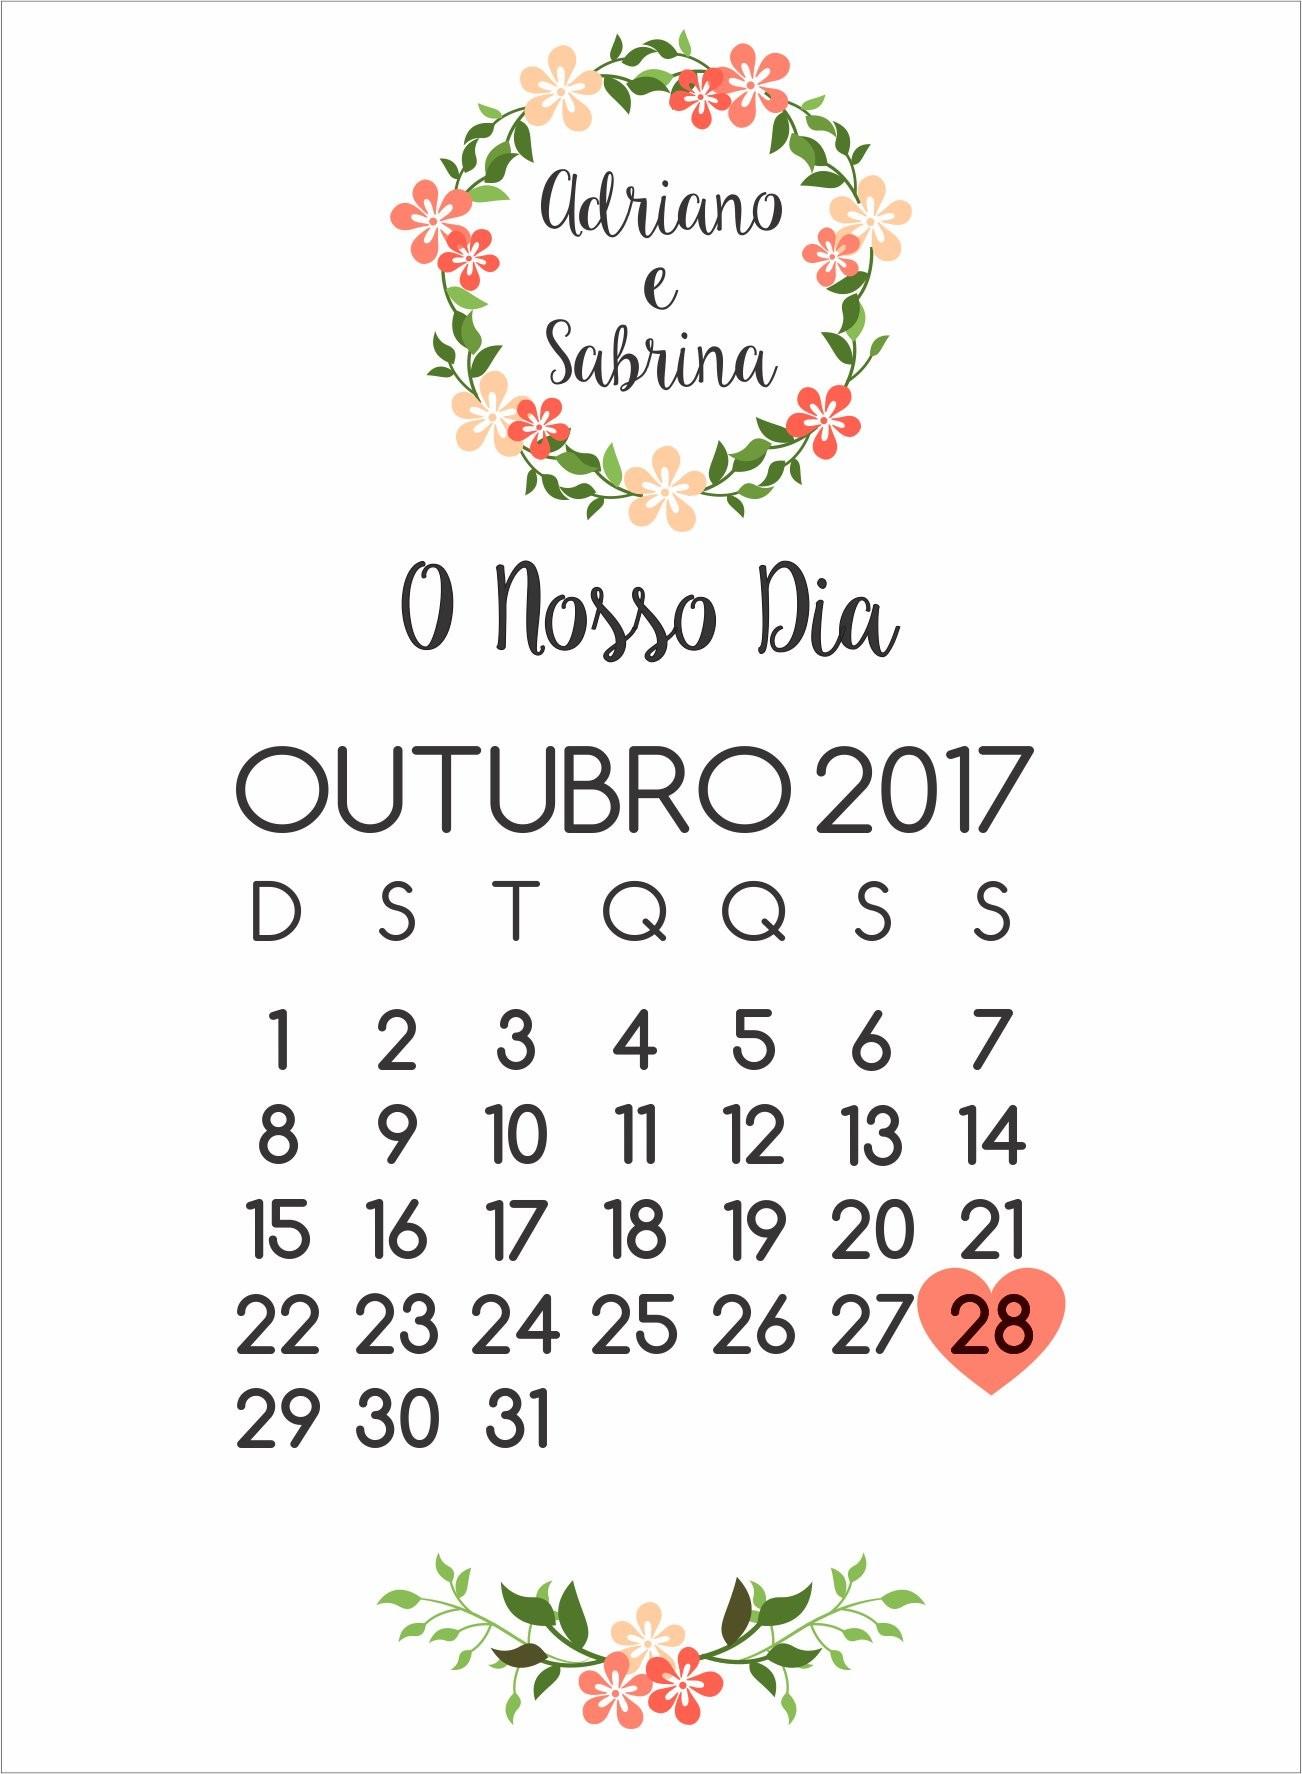 Calendário 2019 Imprimir Com Feriados Actual Calendario Por Mes Calendrio MŠs De Maio Calendário Mªs Ano Of Calendário 2019 Imprimir Com Feriados Actual Calendrio Fevereiro 2018 Por Sabrinasdias Calendarios